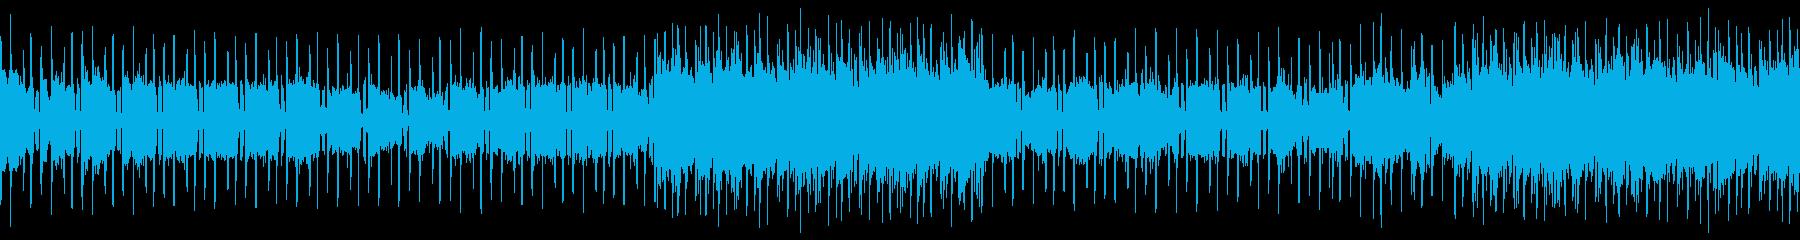 ベースなし ループバージョンの再生済みの波形